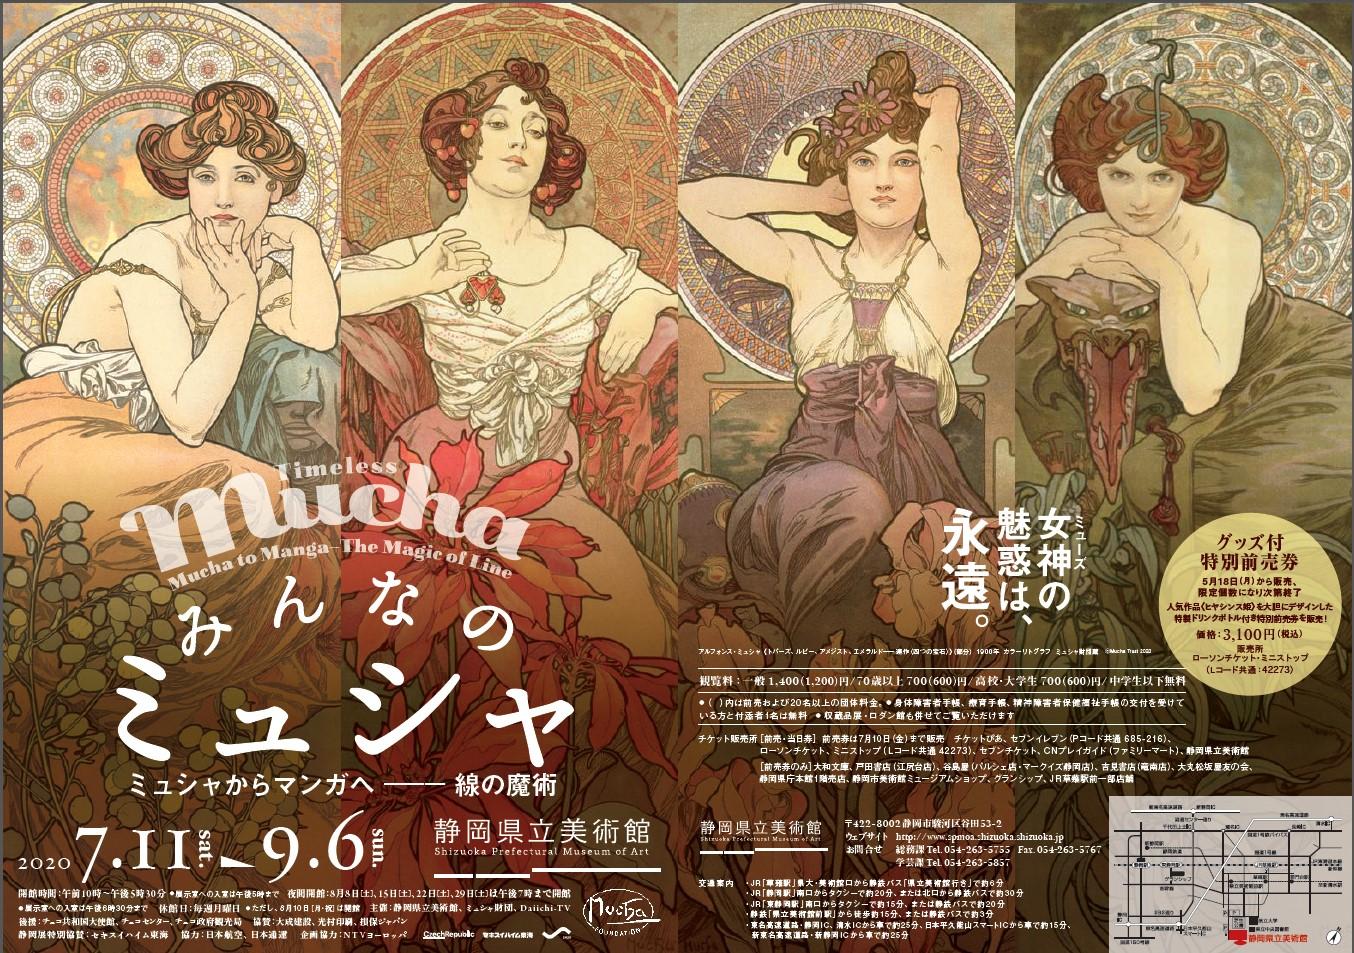 ミュシャ展(静岡県立美術館)